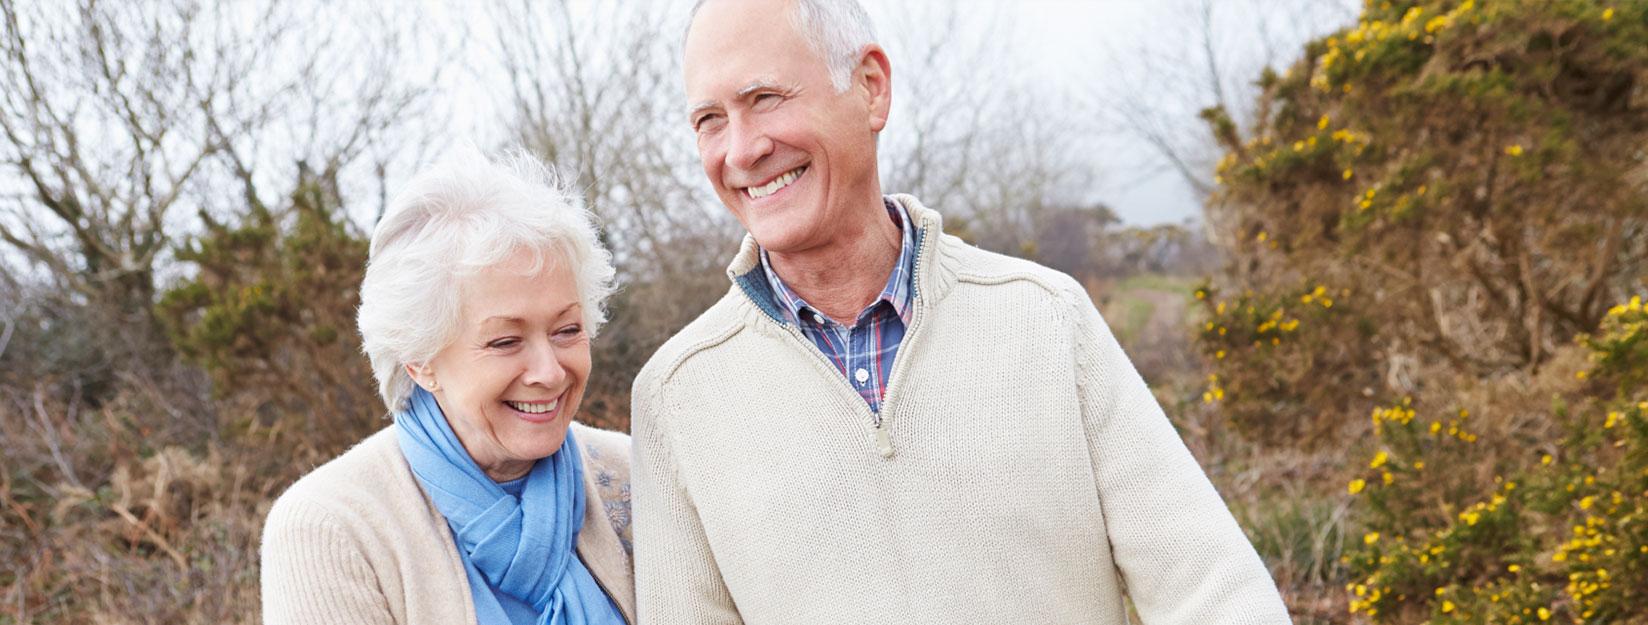 consejos para los cuidados de personas mayores en invierno